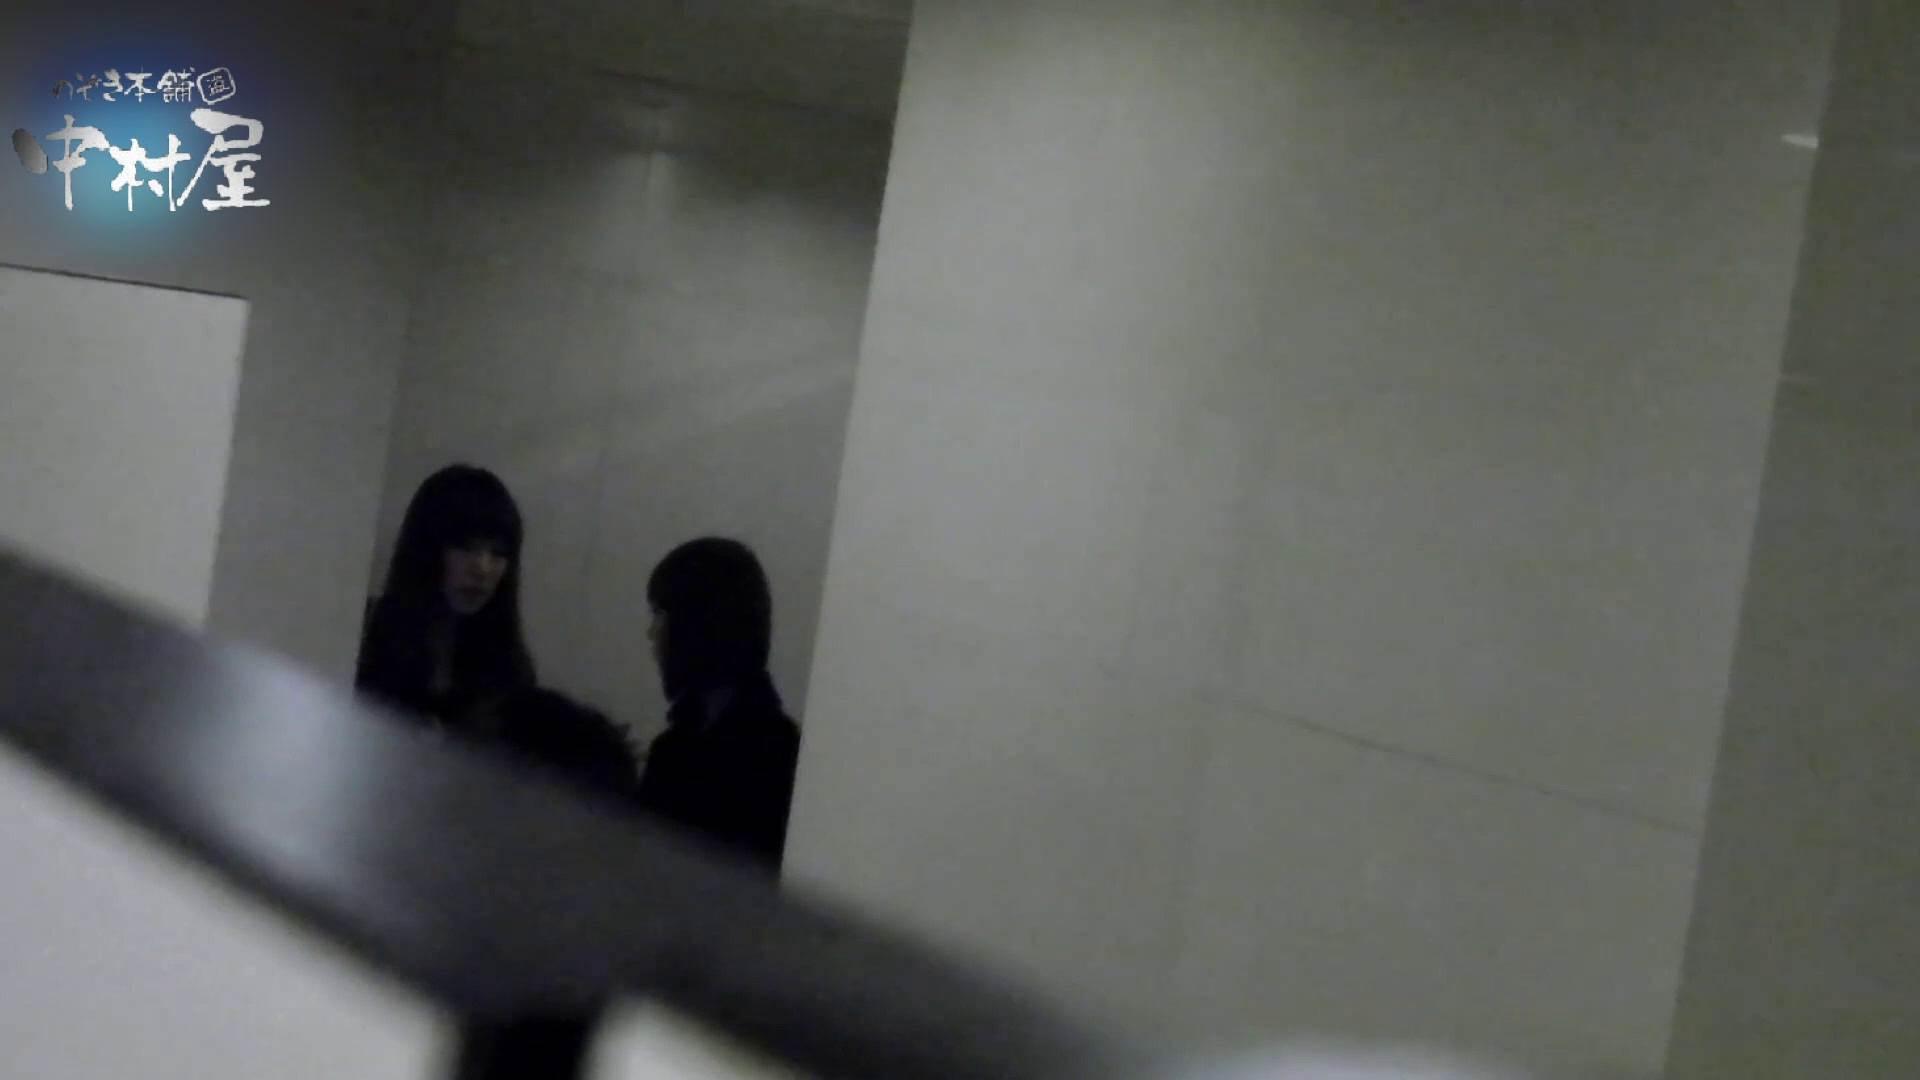 乙女集まる!ショッピングモール潜入撮vol.01 0  57連発 14